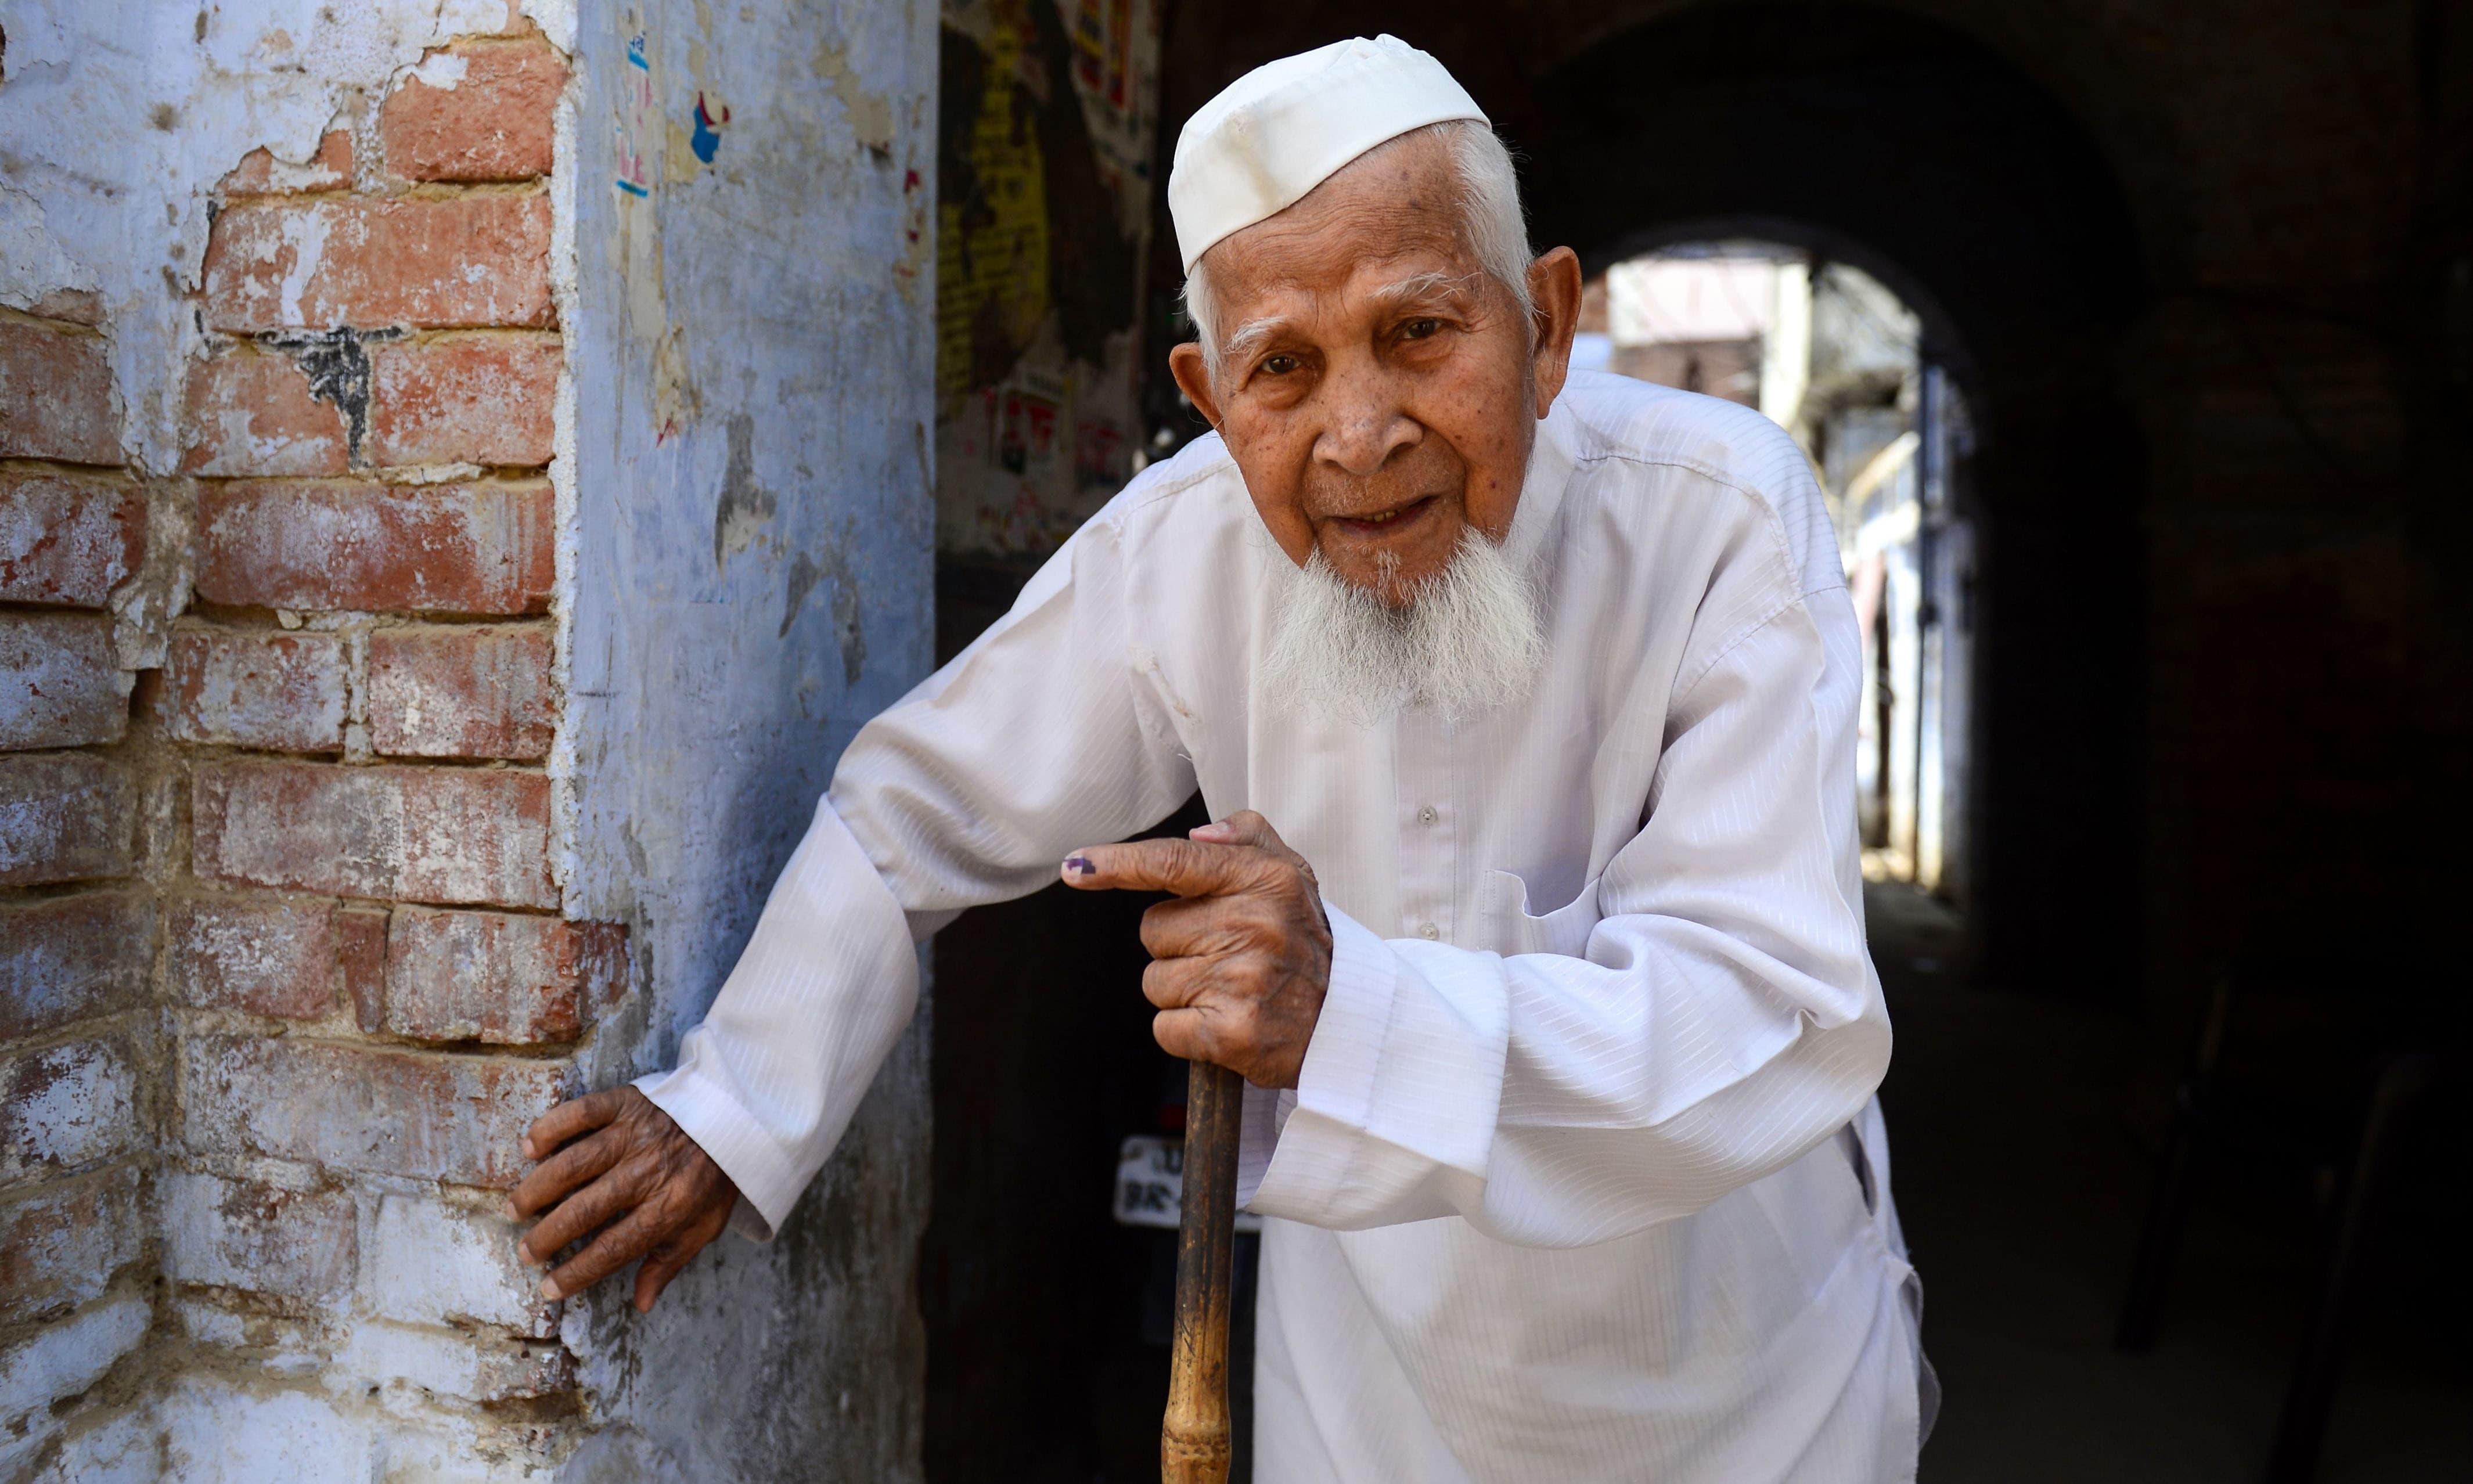 بھارت میں موجود مسلم کمیونٹی کے افراد نے بھی انتخابات میں بڑھ چڑھ کر حصہ لیا —فوٹو/ اے ایف پی